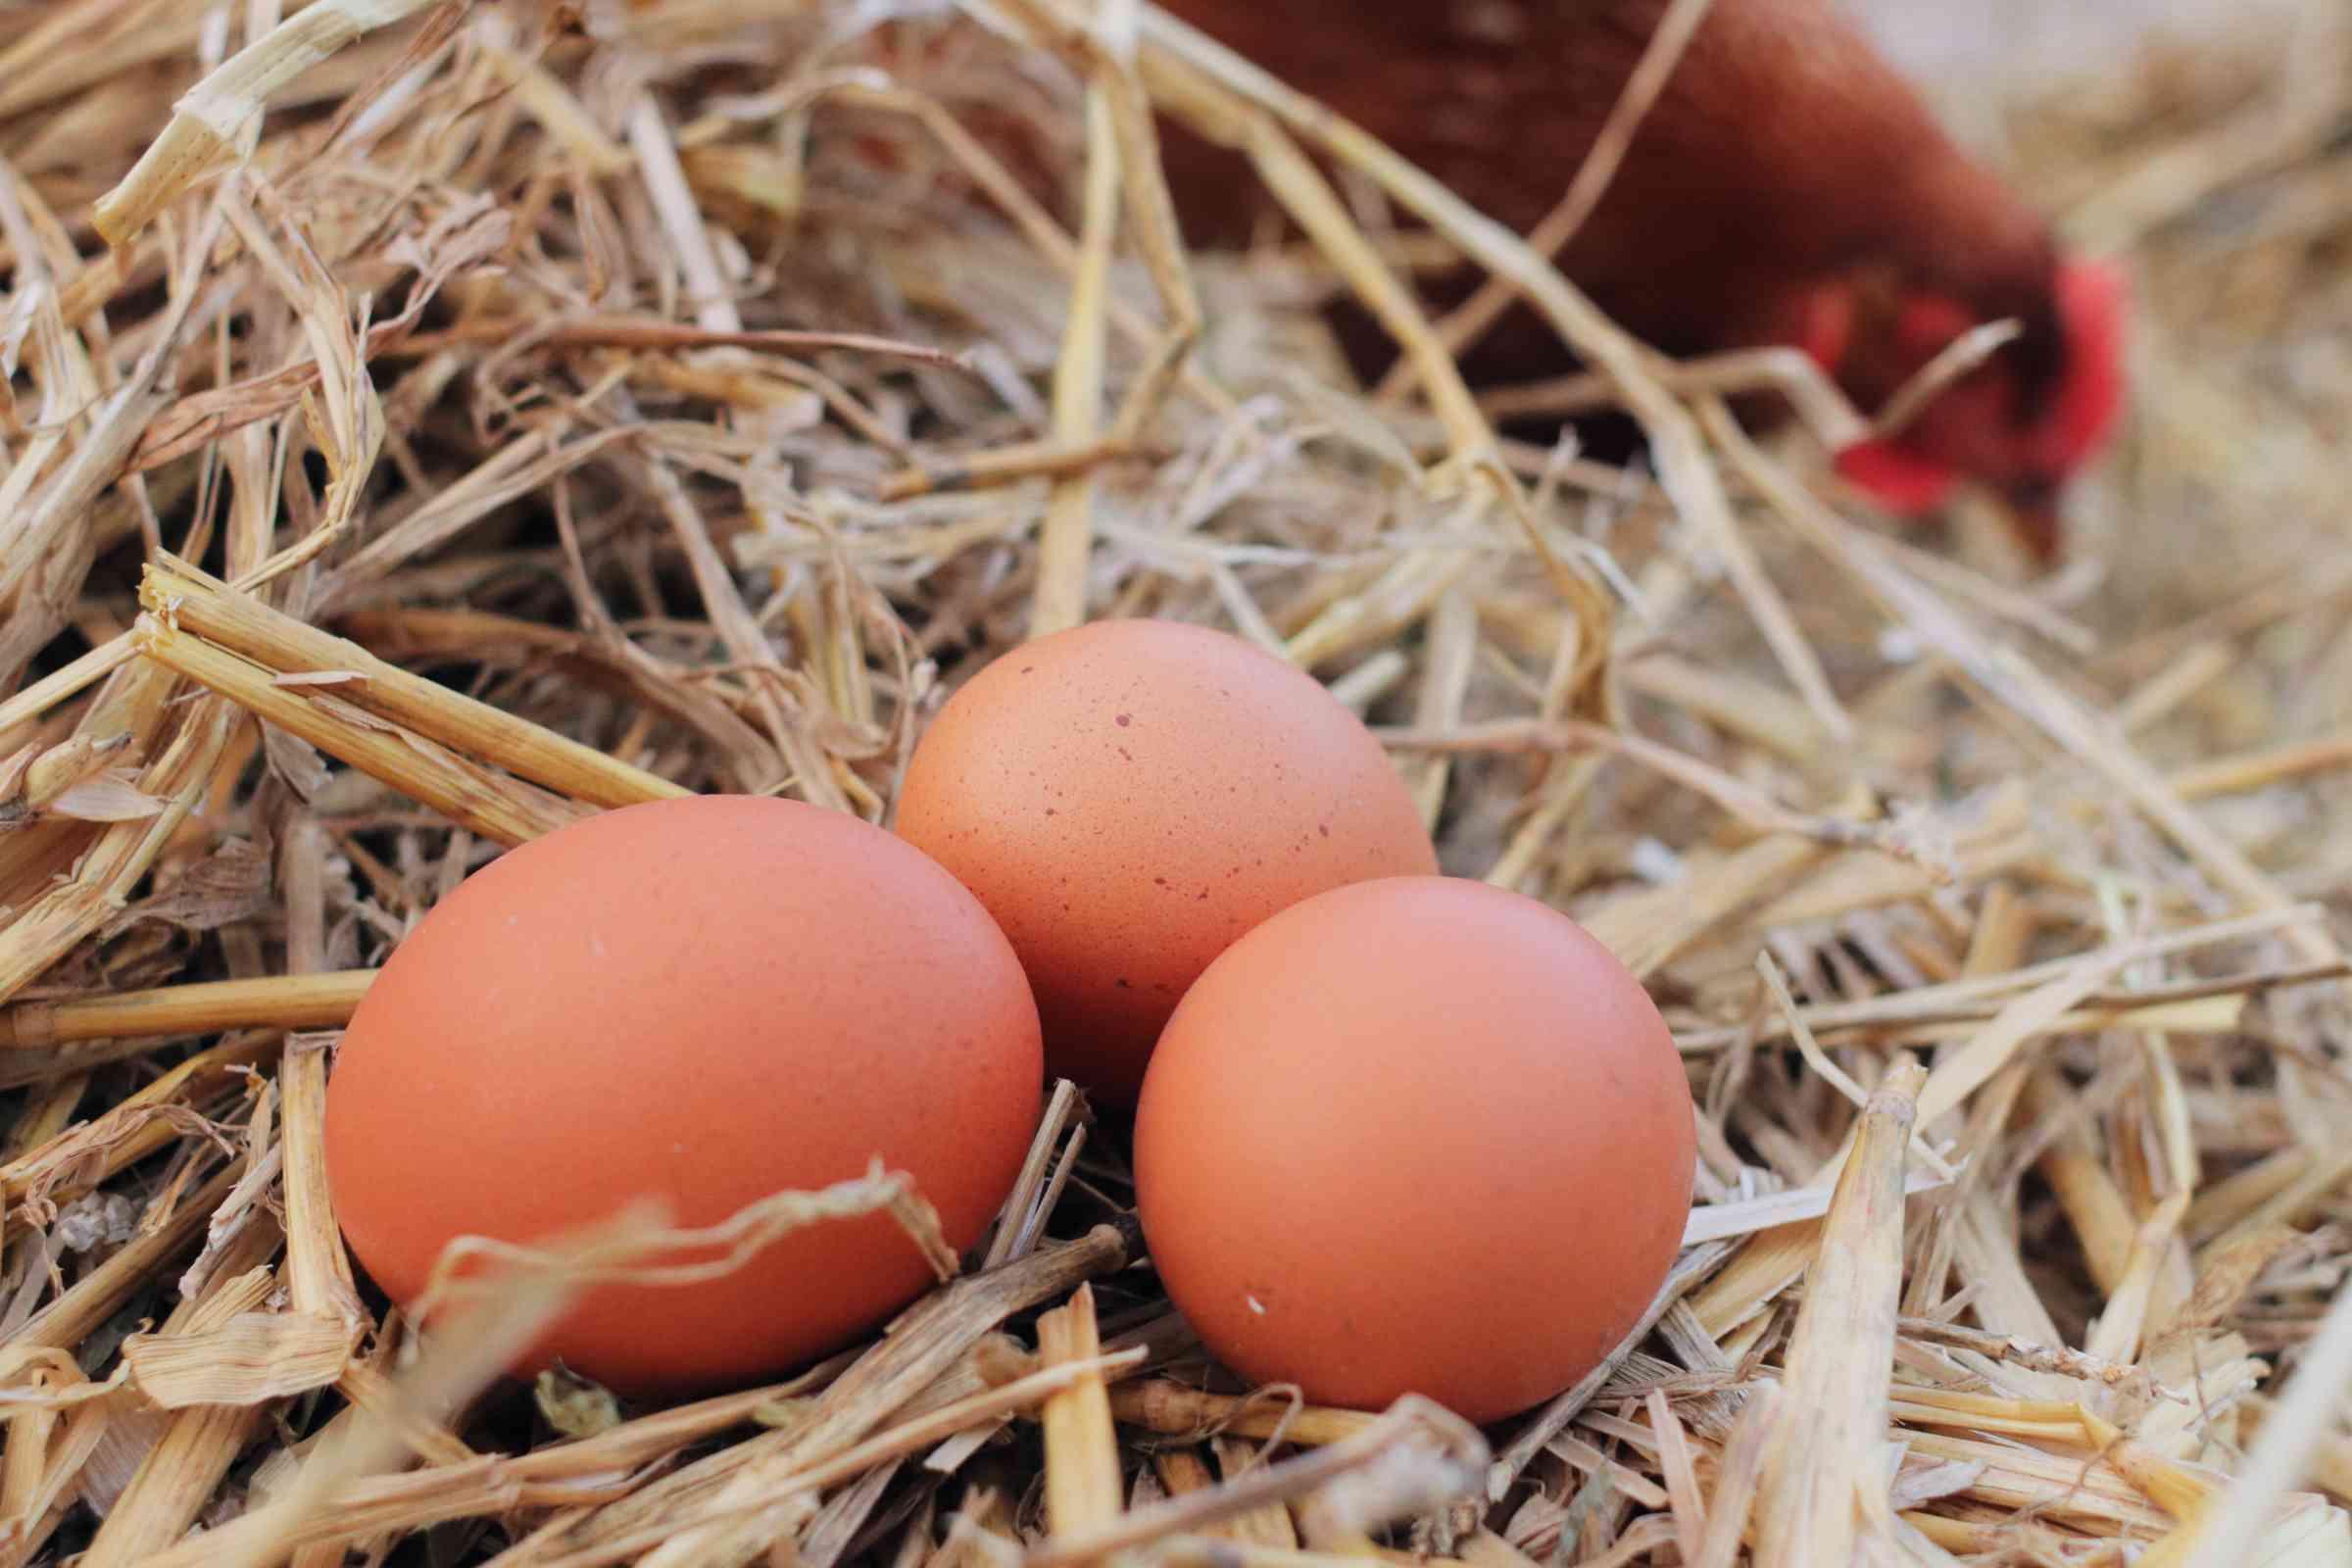 fresh eggs from a hen